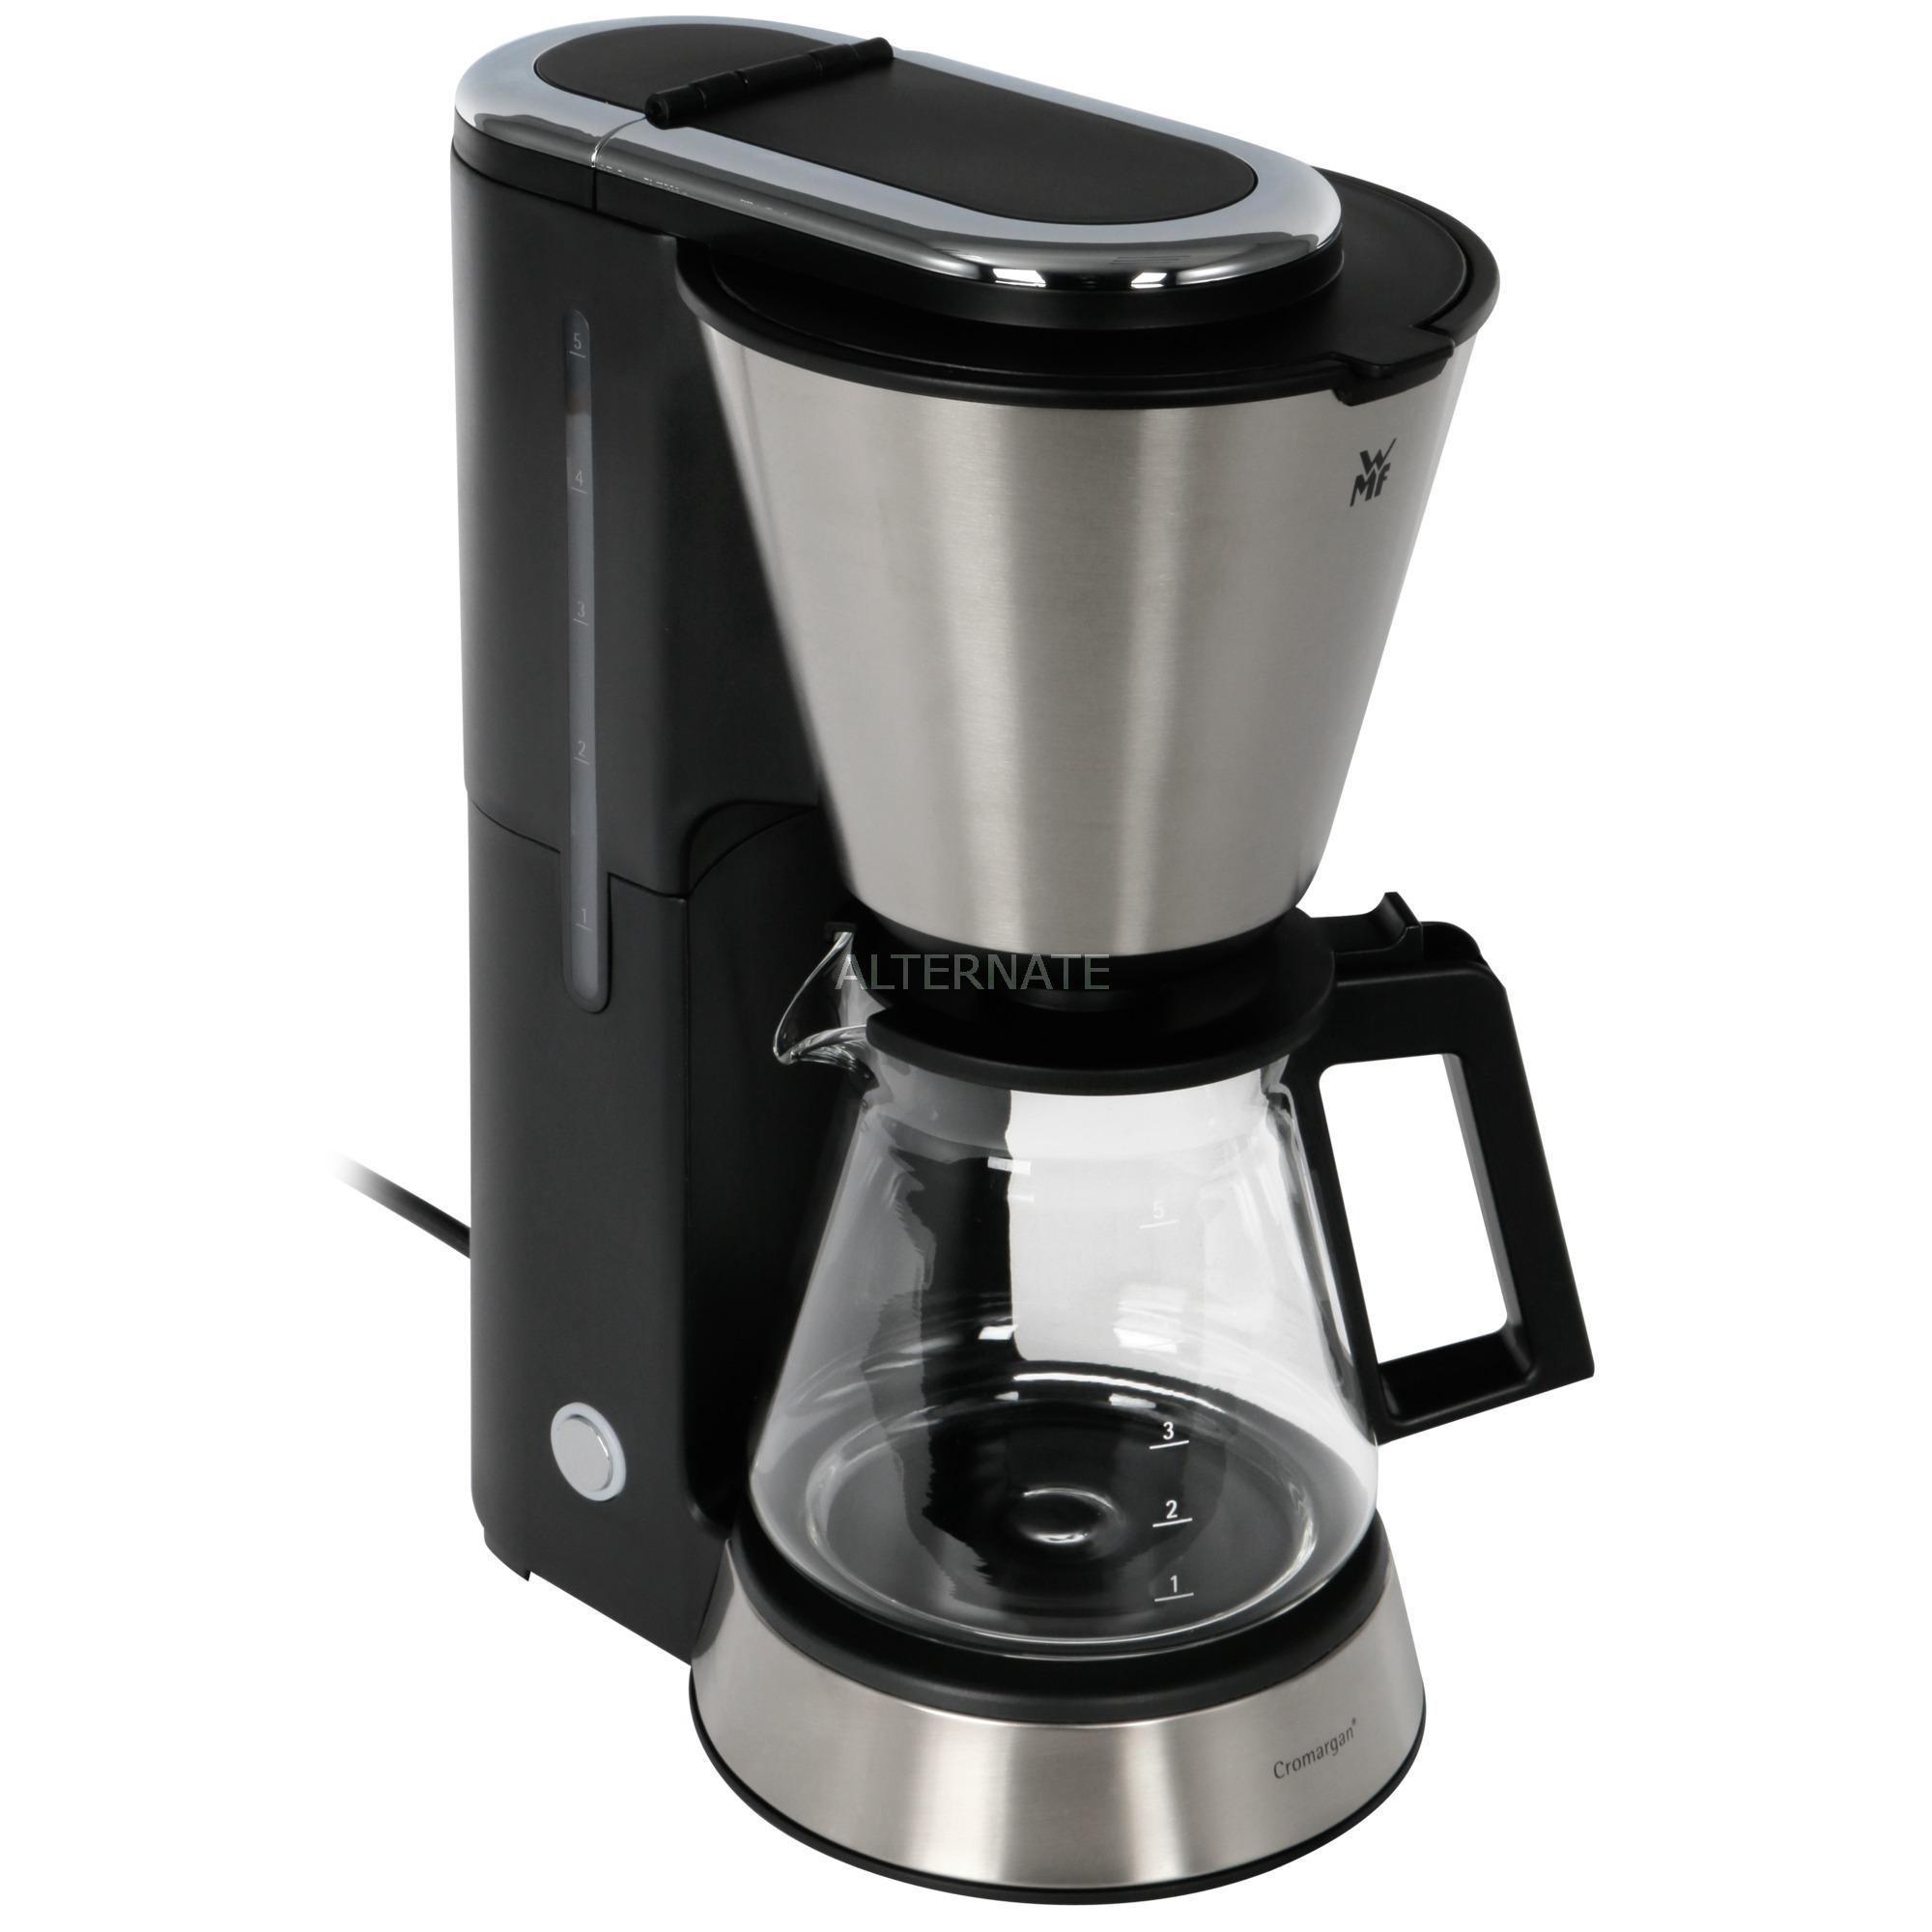 0412270011 Independiente Cafetera de filtro 0.6L 5tazas Negro, Acero inoxidable cafetera eléctrica